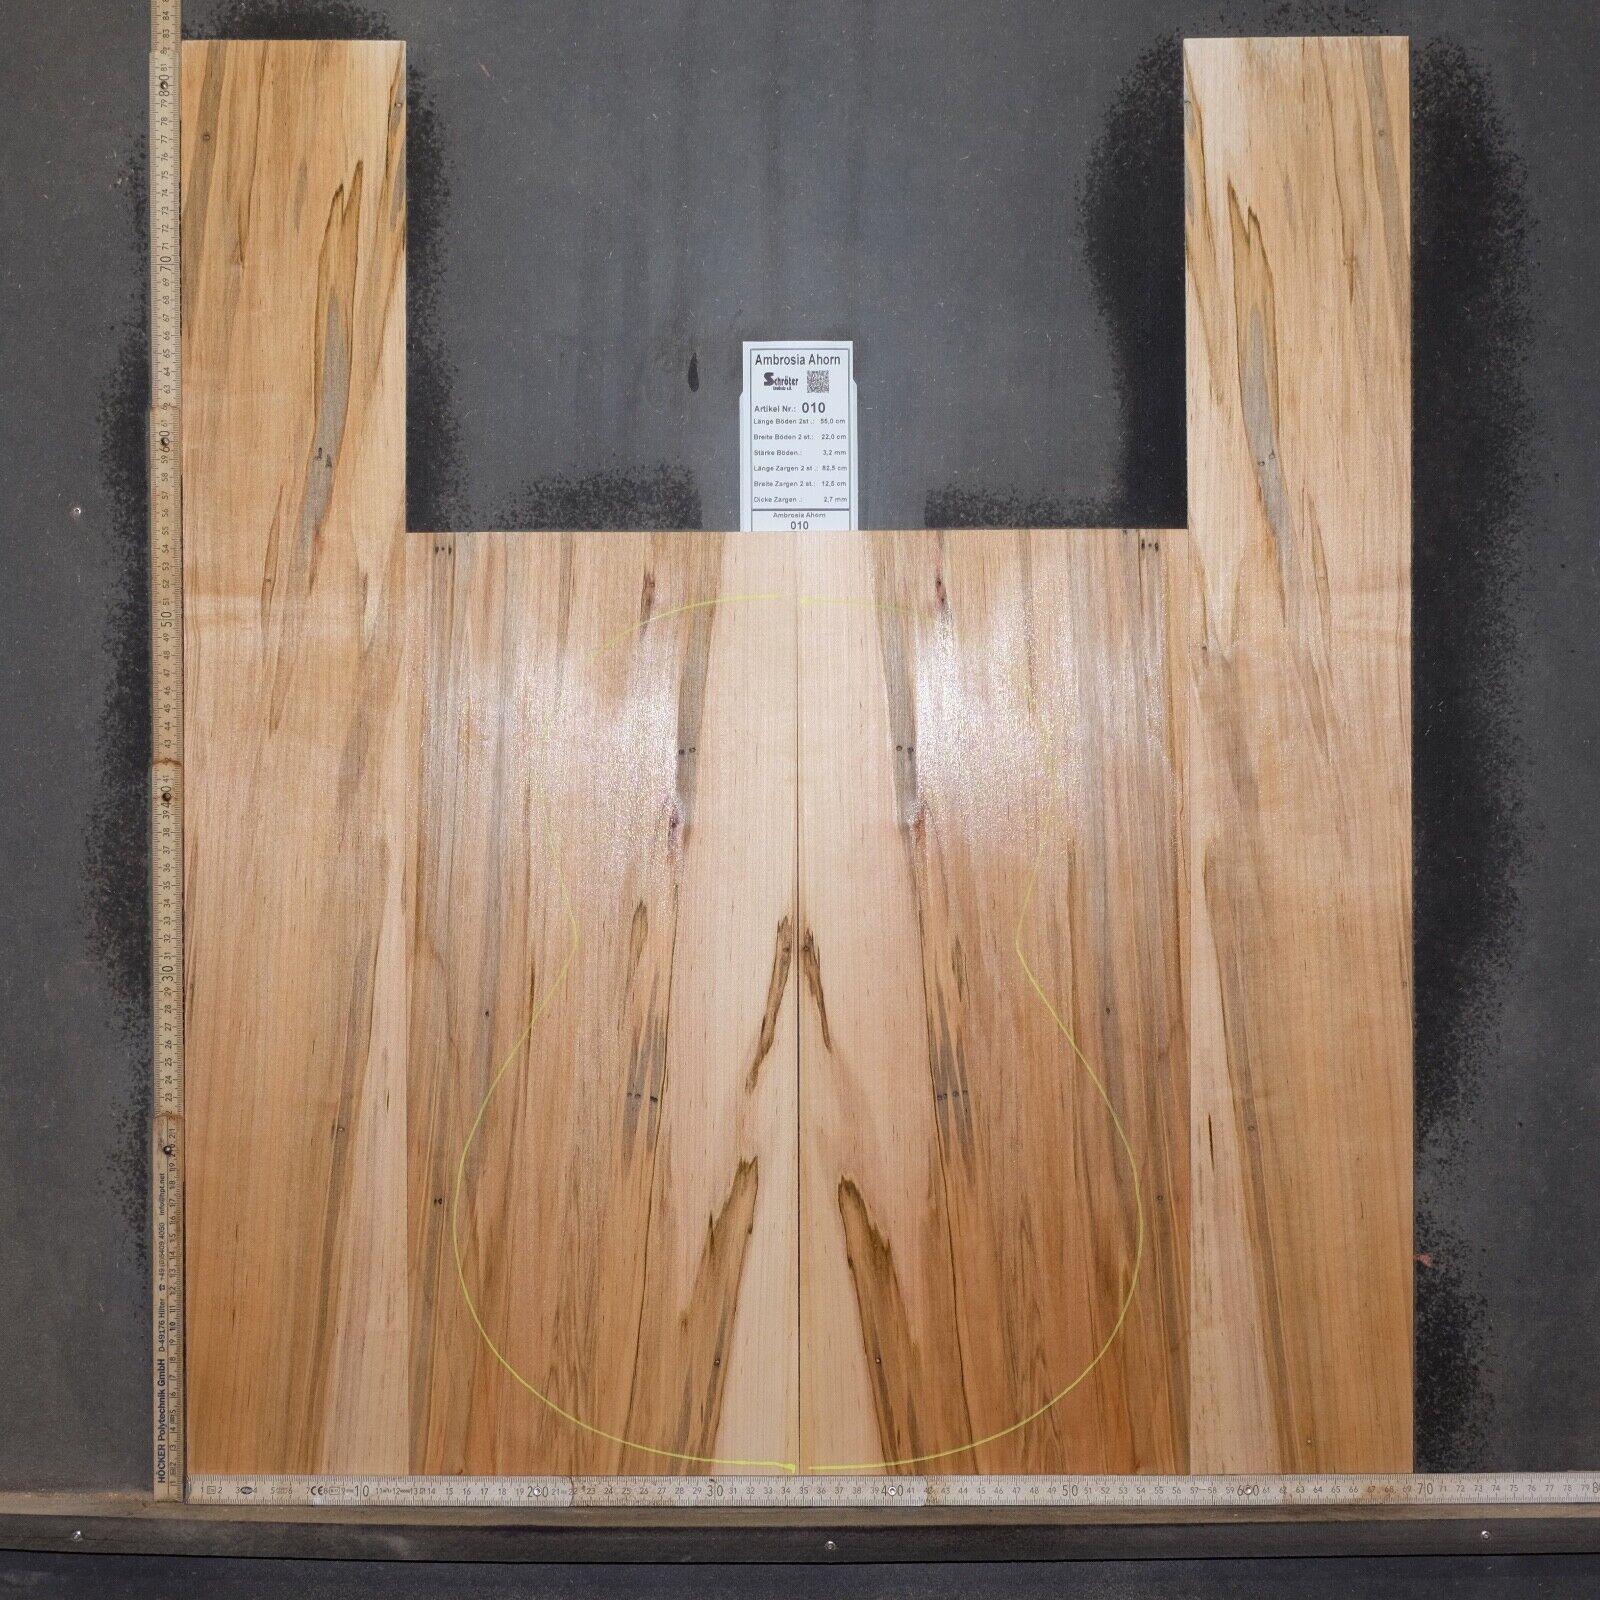 Tonewood Ambrosia Maple Maple Recruited as tone wood Guitar Acoustic backs && sides 010